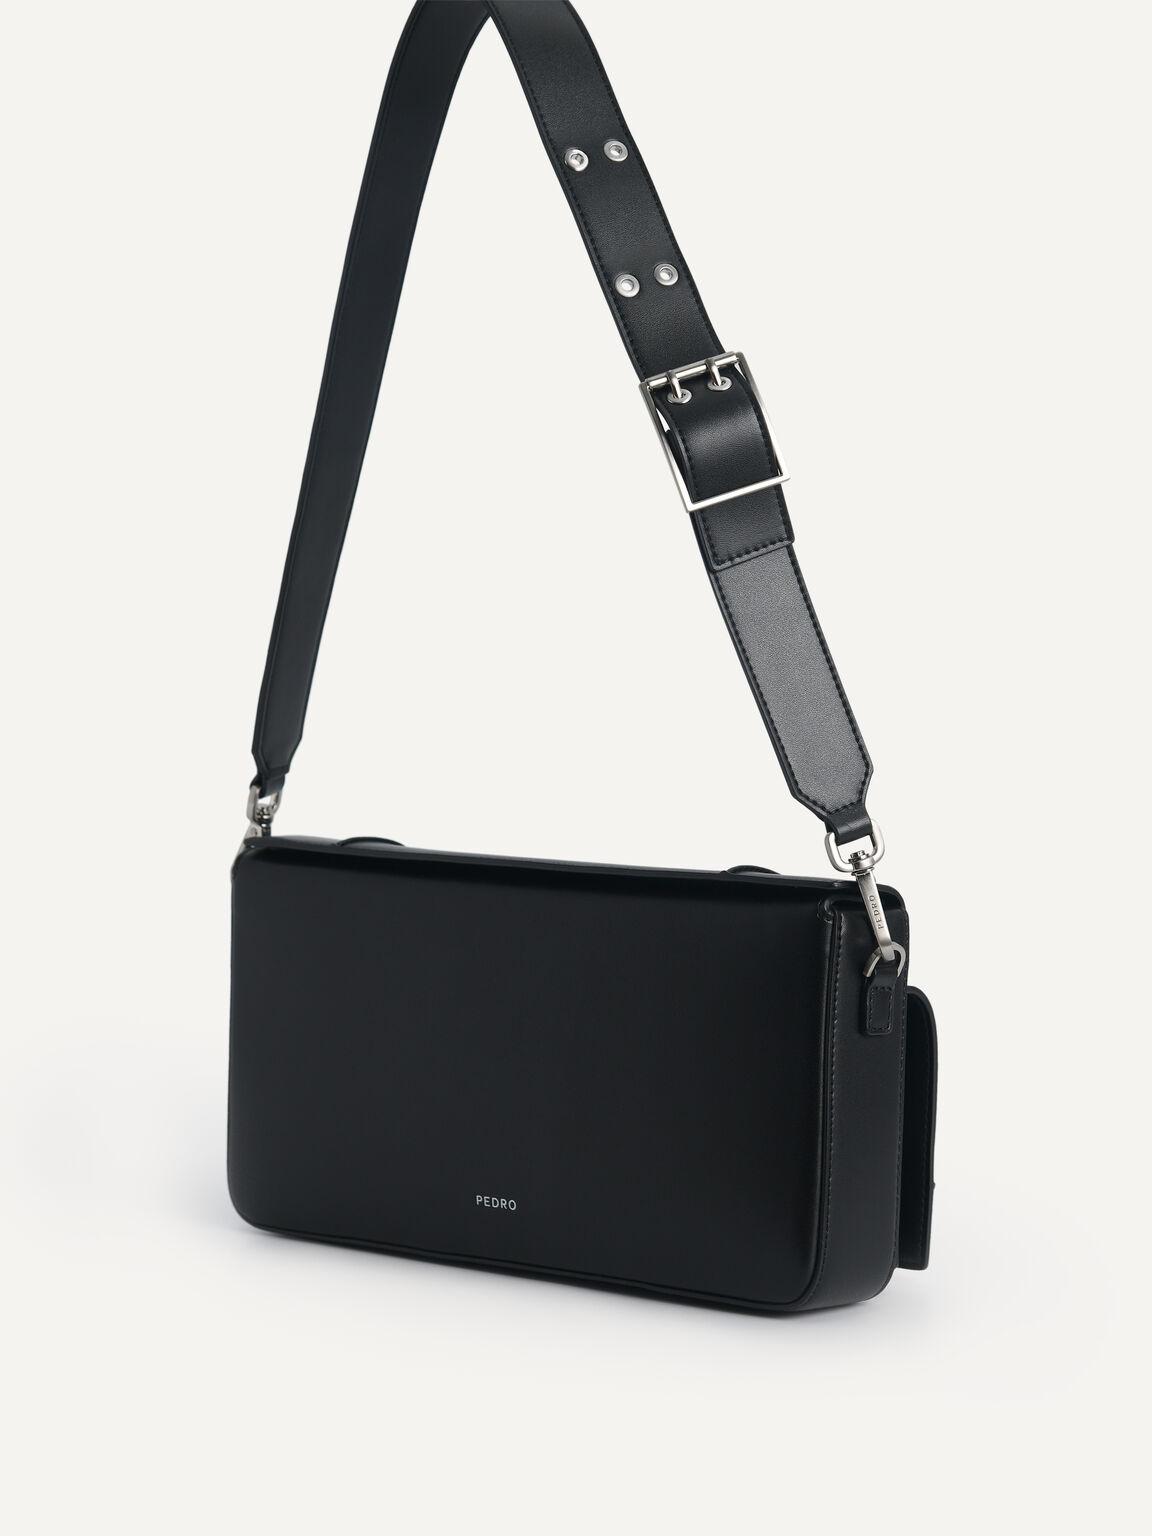 Utility Structured Shoulder Bag, Black, hi-res